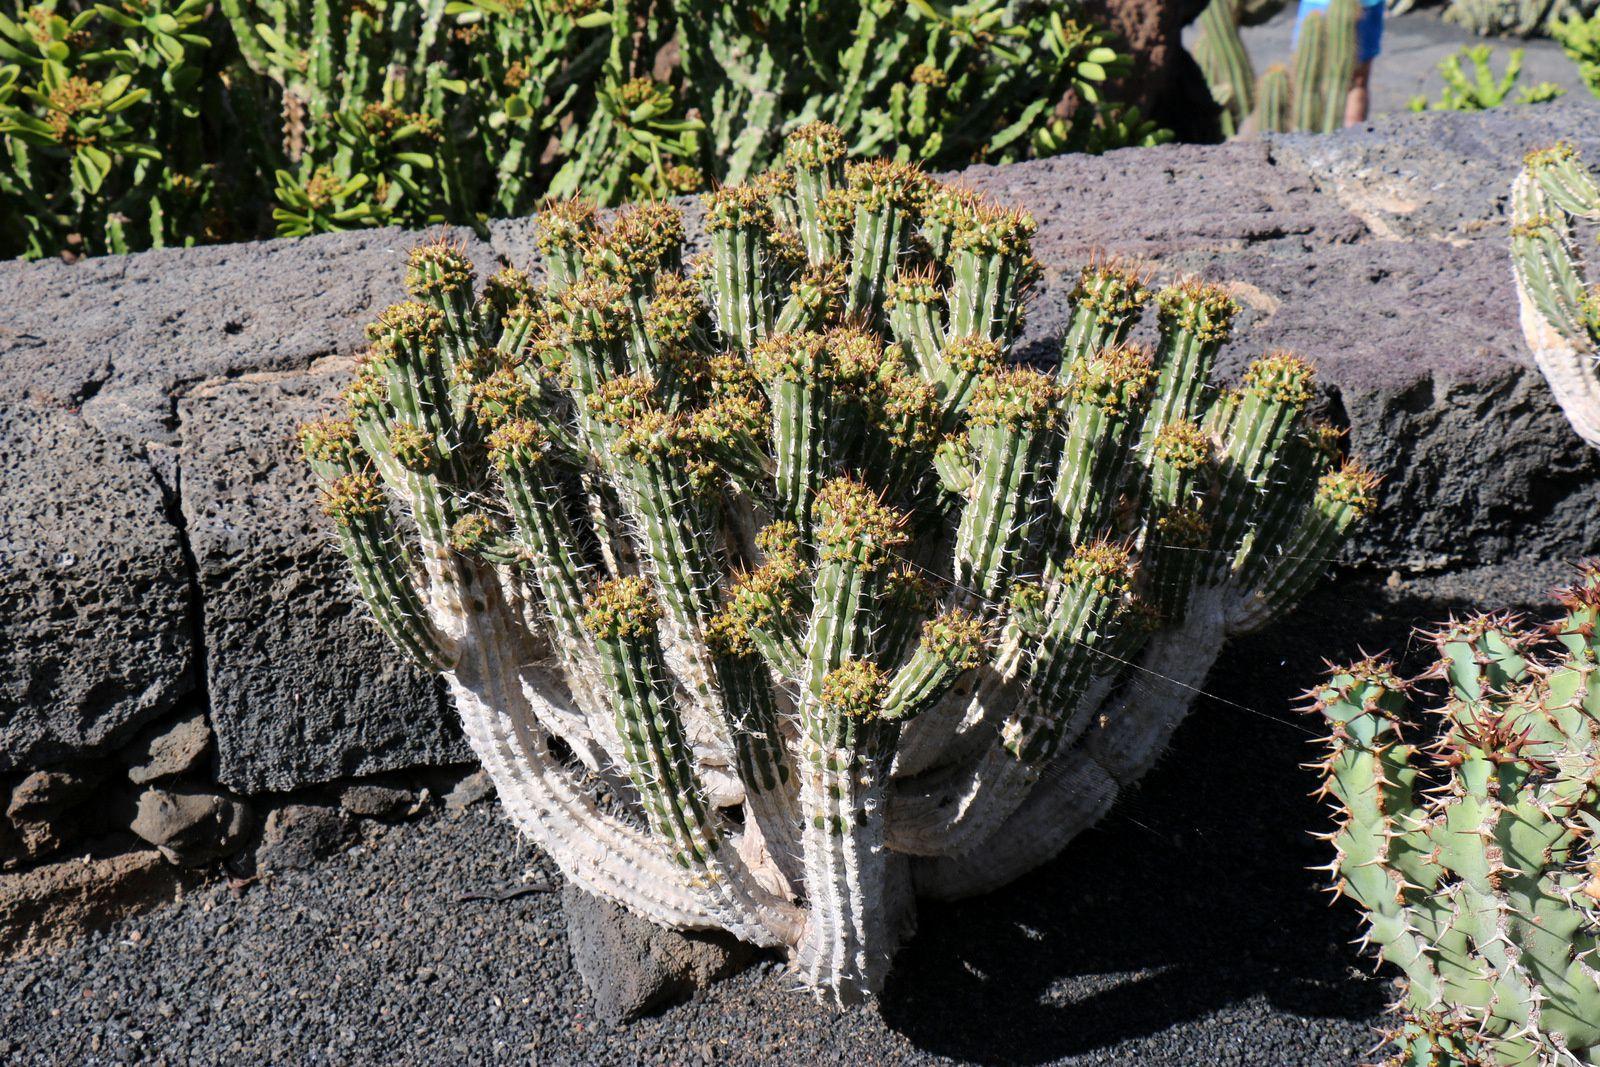 Euphorbia Handiensis, jardin de cactus, Lanzarote (Canaries)